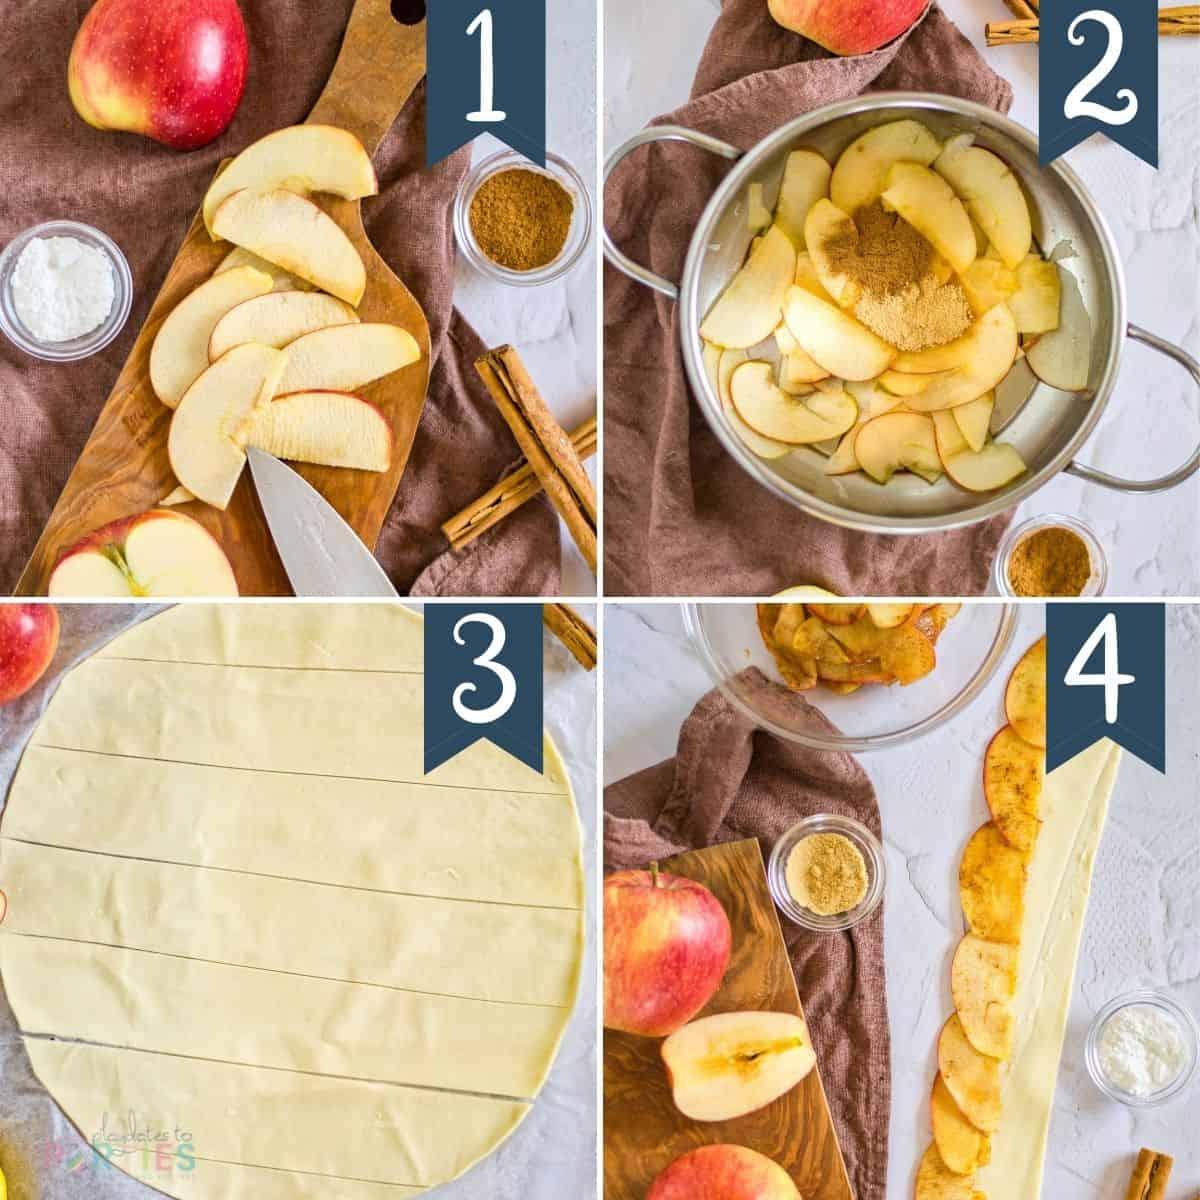 steps 1-4 for making apple roses